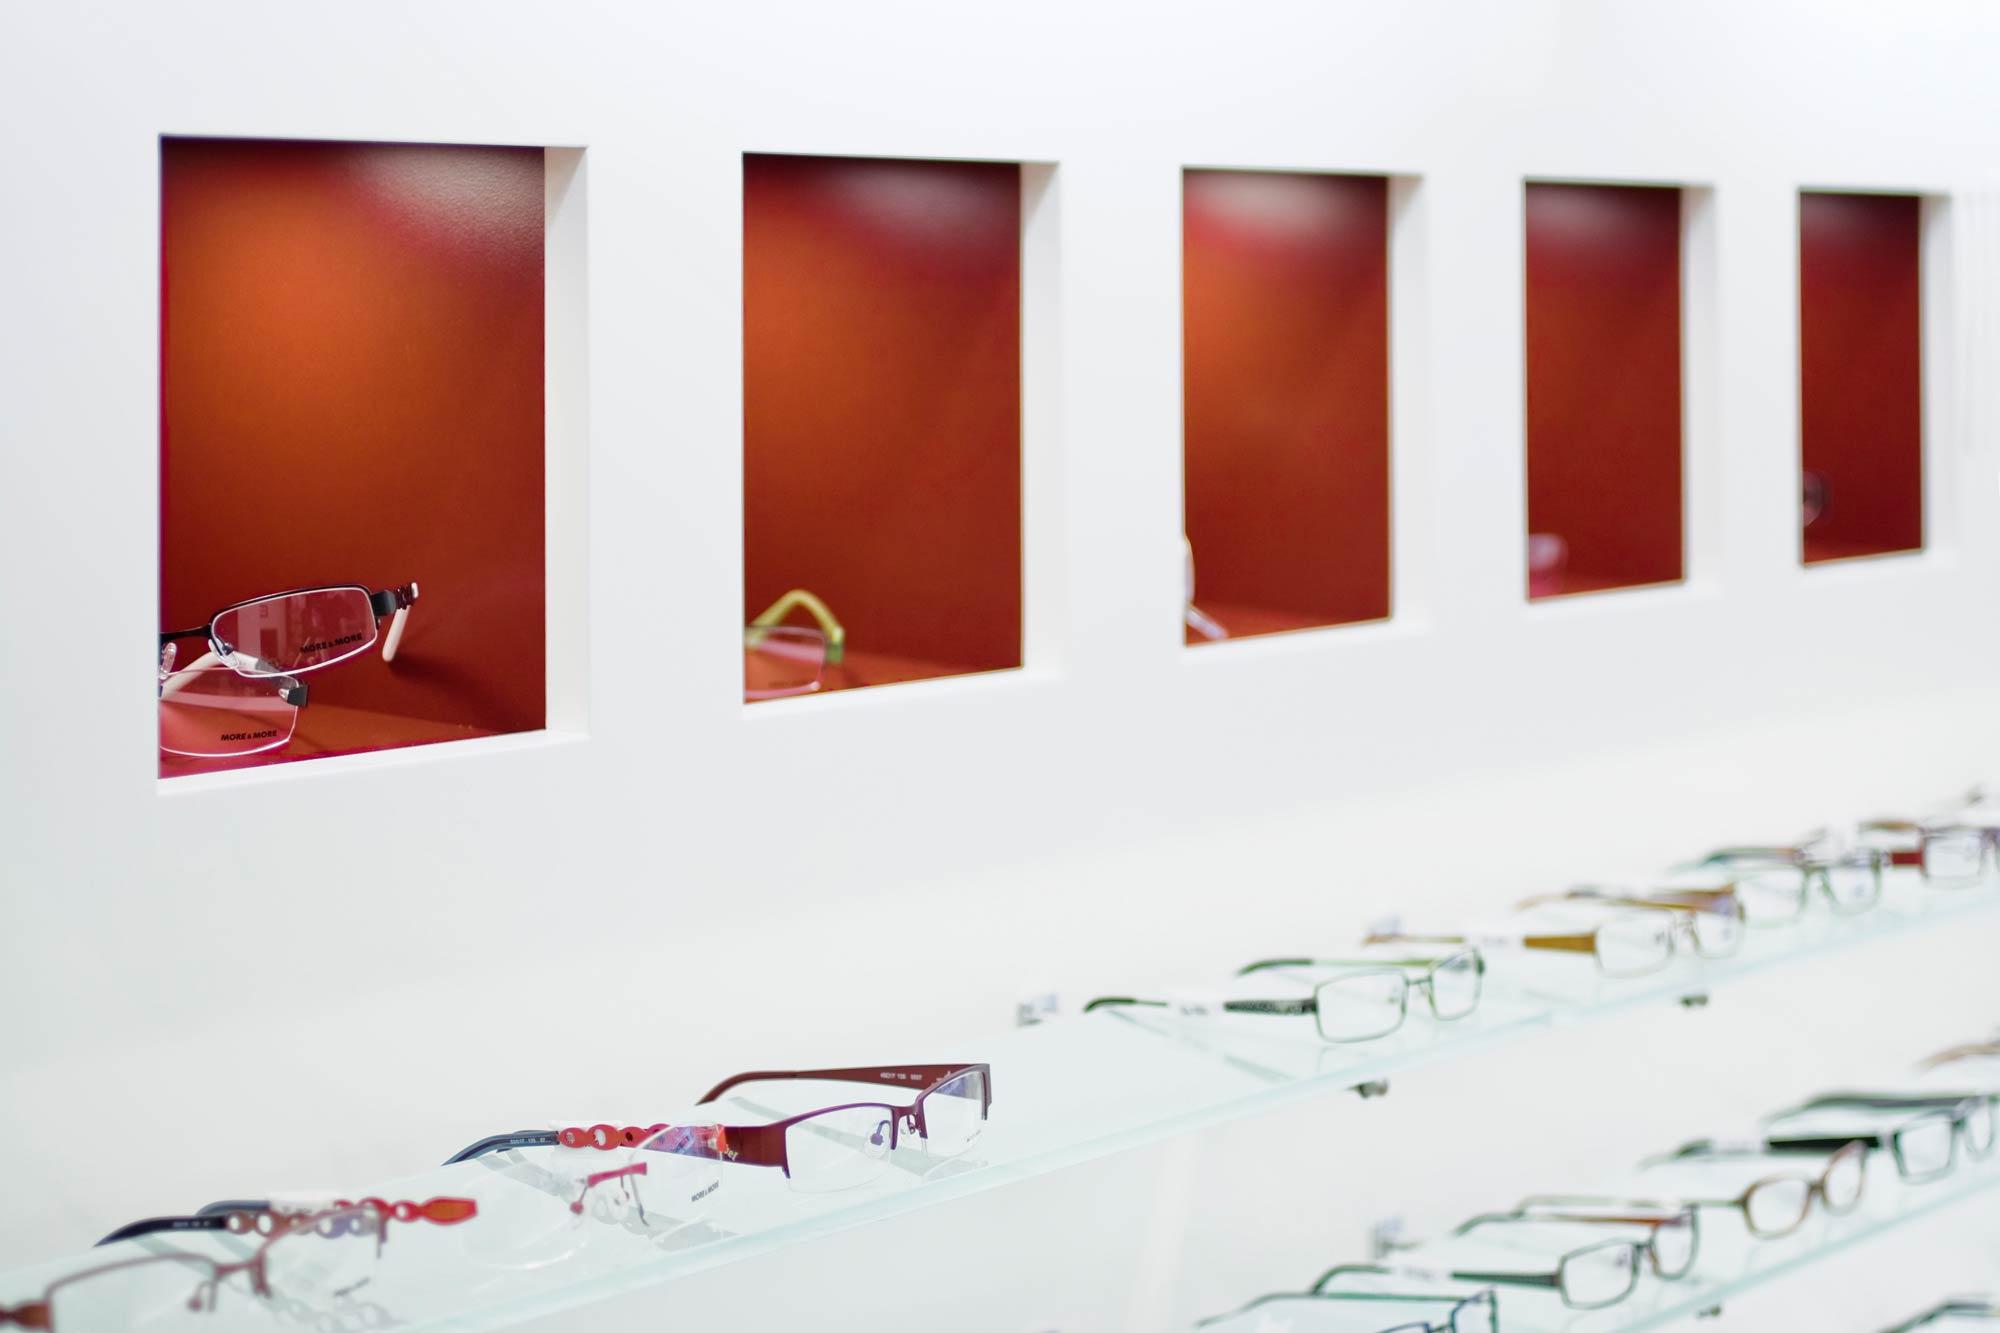 Optik Sagawe in Reutershagen ist das Zeiss Vision Center in der Ernst-Thälmann-Strasse von Rostock mit großer Auswahl an Brillen